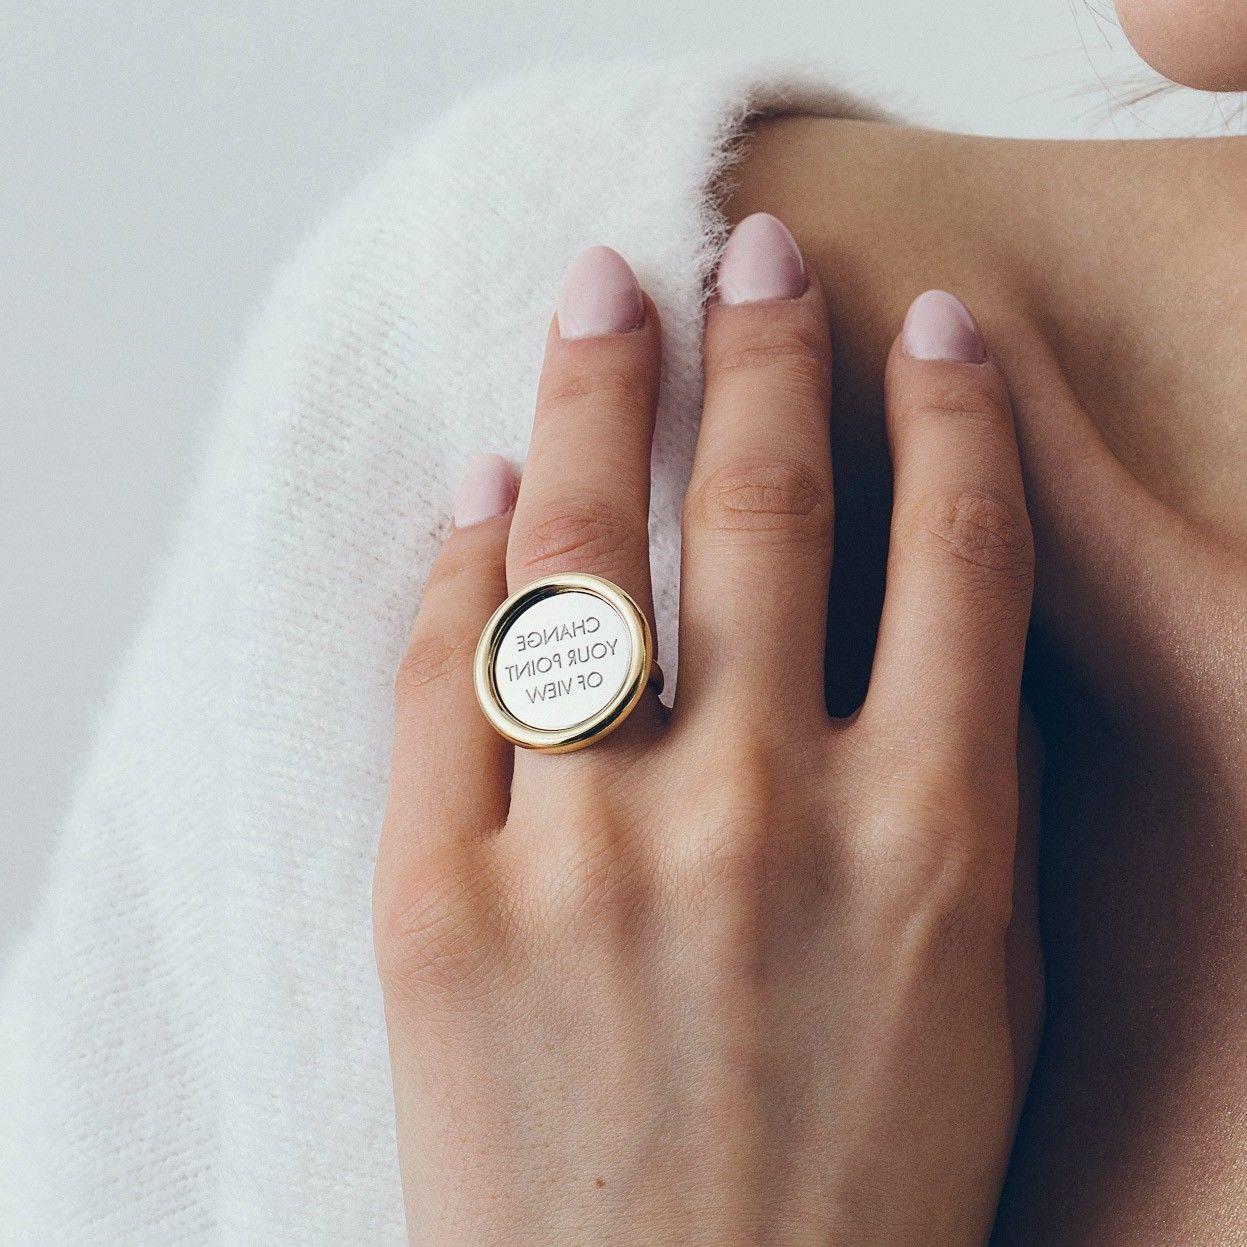 Srebrny pierścionek lustro, grawer, srebro 925 : ROZMIAR PIERŚCIONKA - 19 UK:S 18,67 MM, Srebro - kolor pokrycia - Pokrycie żółtym 18K złotem